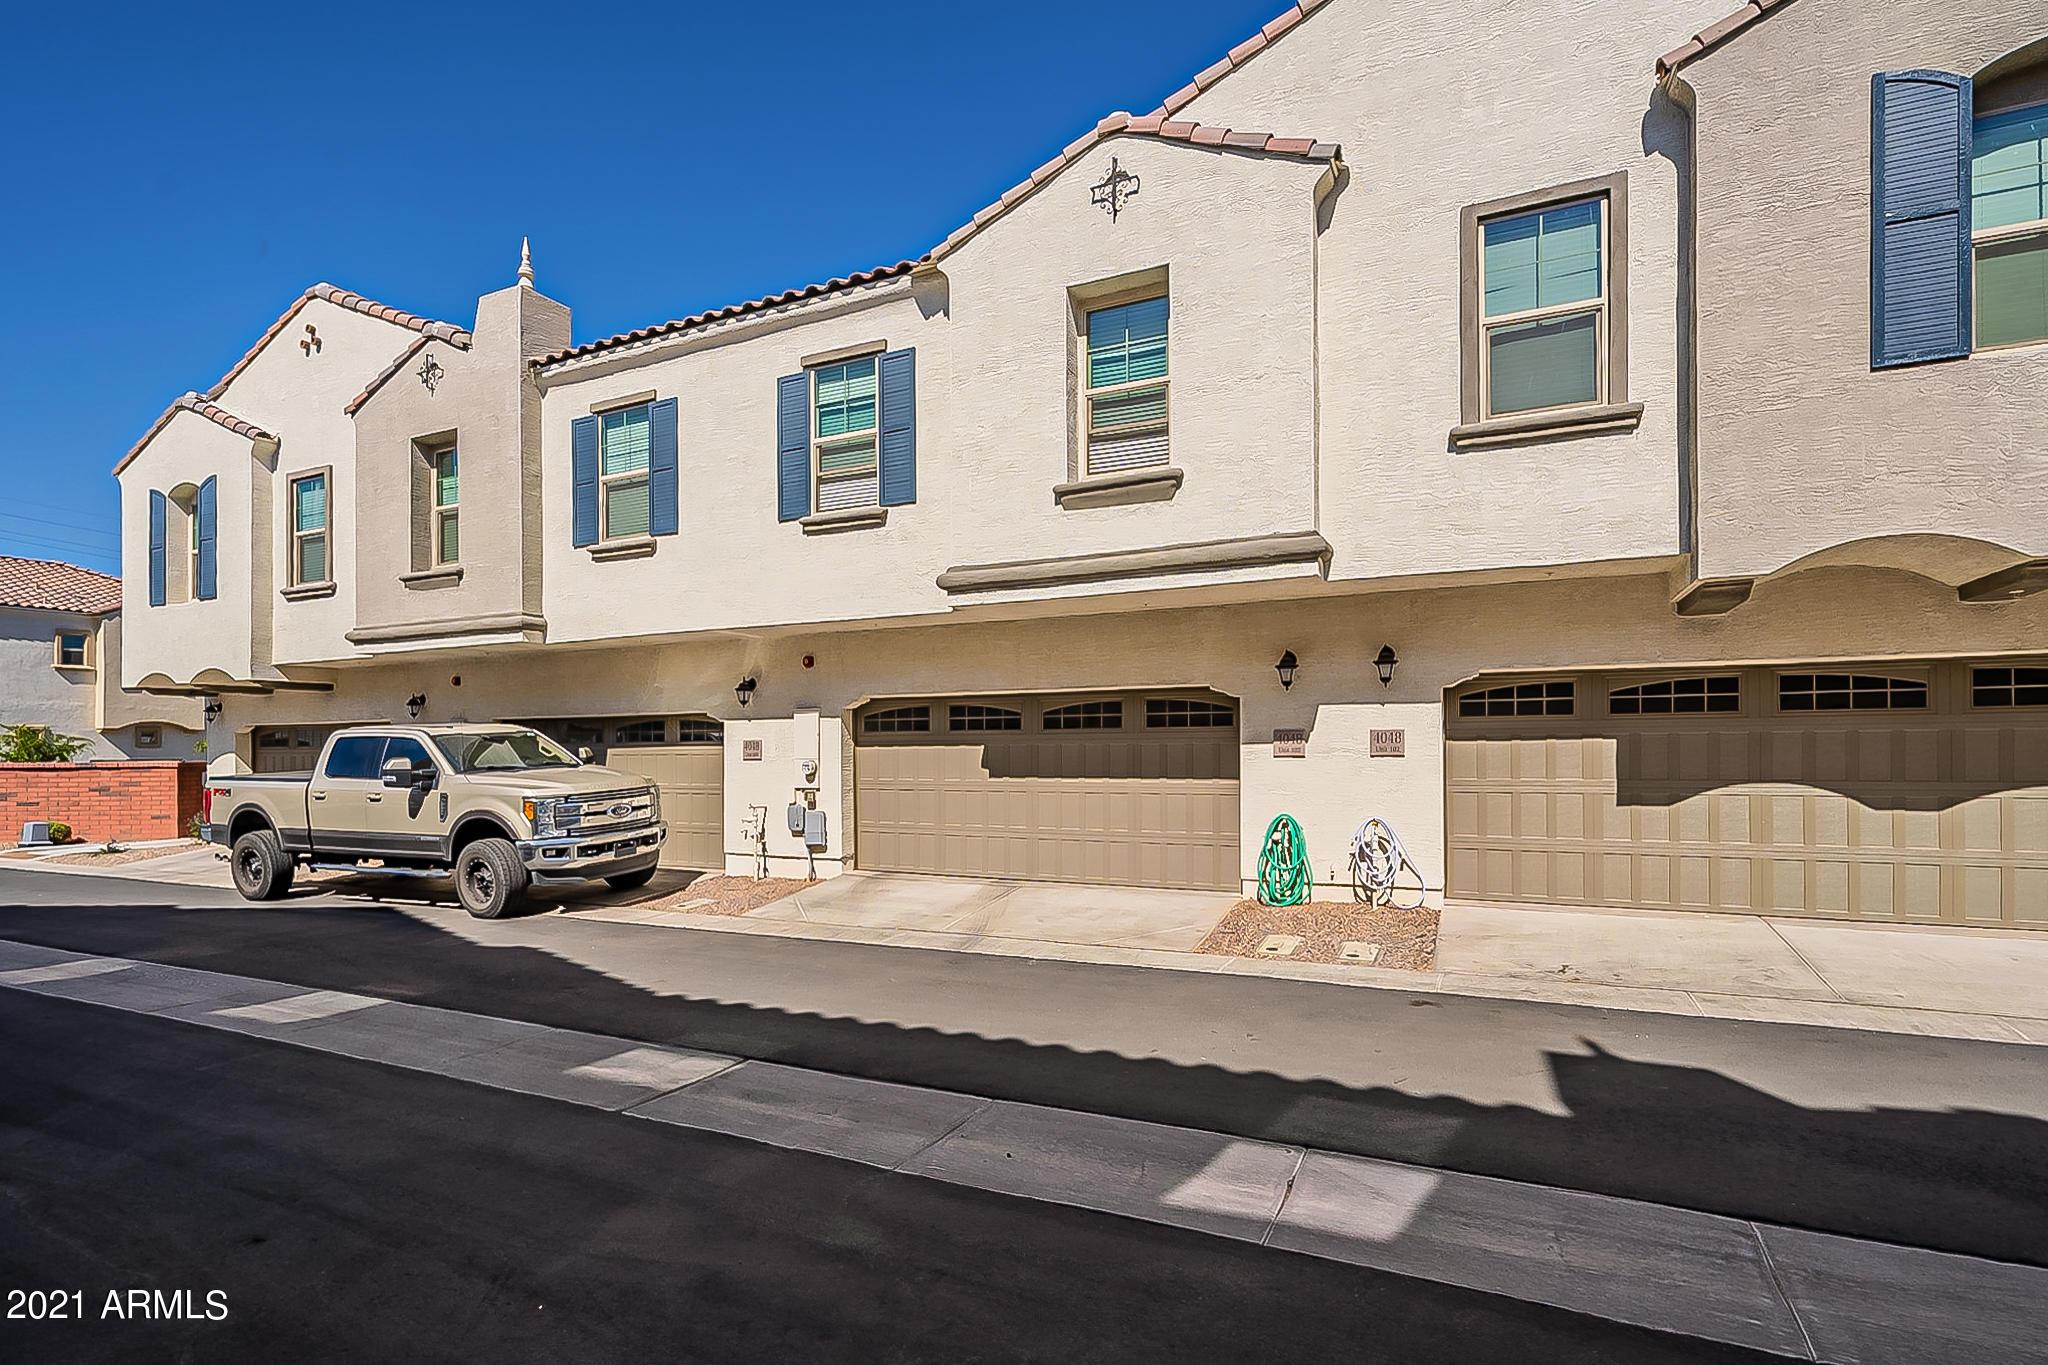 MLS 6201857 4048 E TOLEDO Street Unit 103, Gilbert, AZ 85295 Gilbert AZ Condo or Townhome